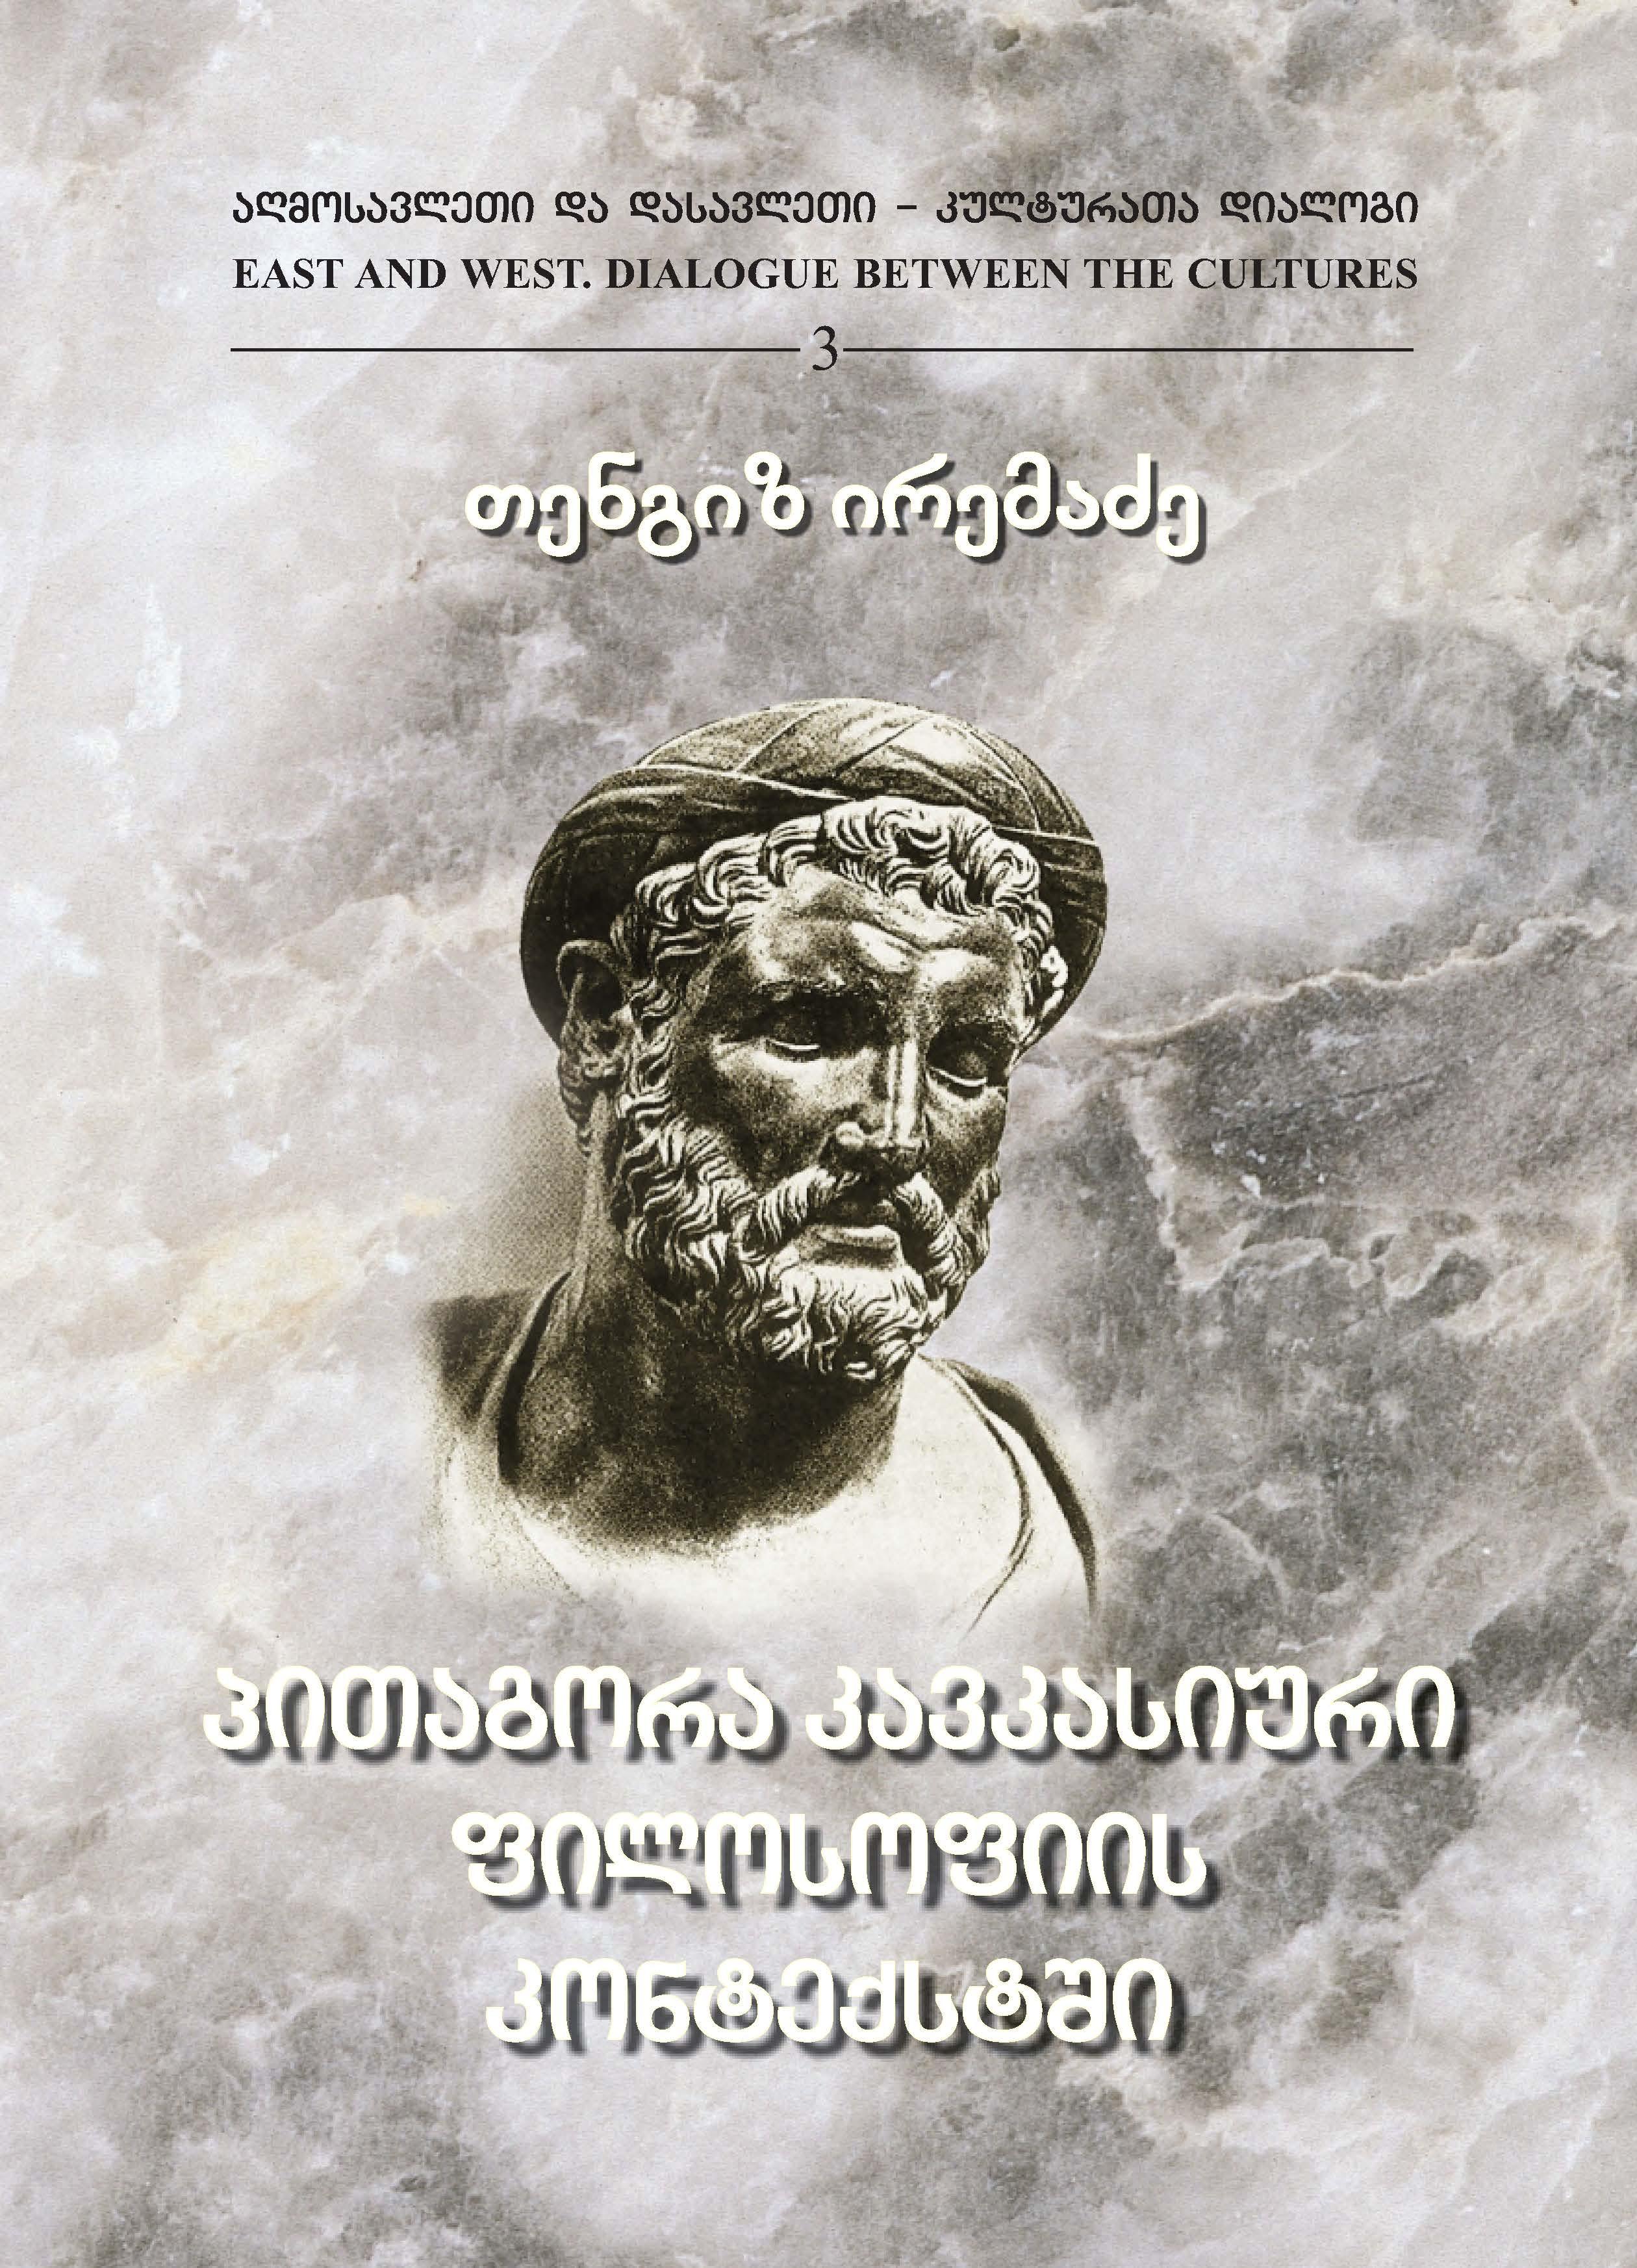 პითაგორა კავკასიური ფილოსოფიის კონტექსტში